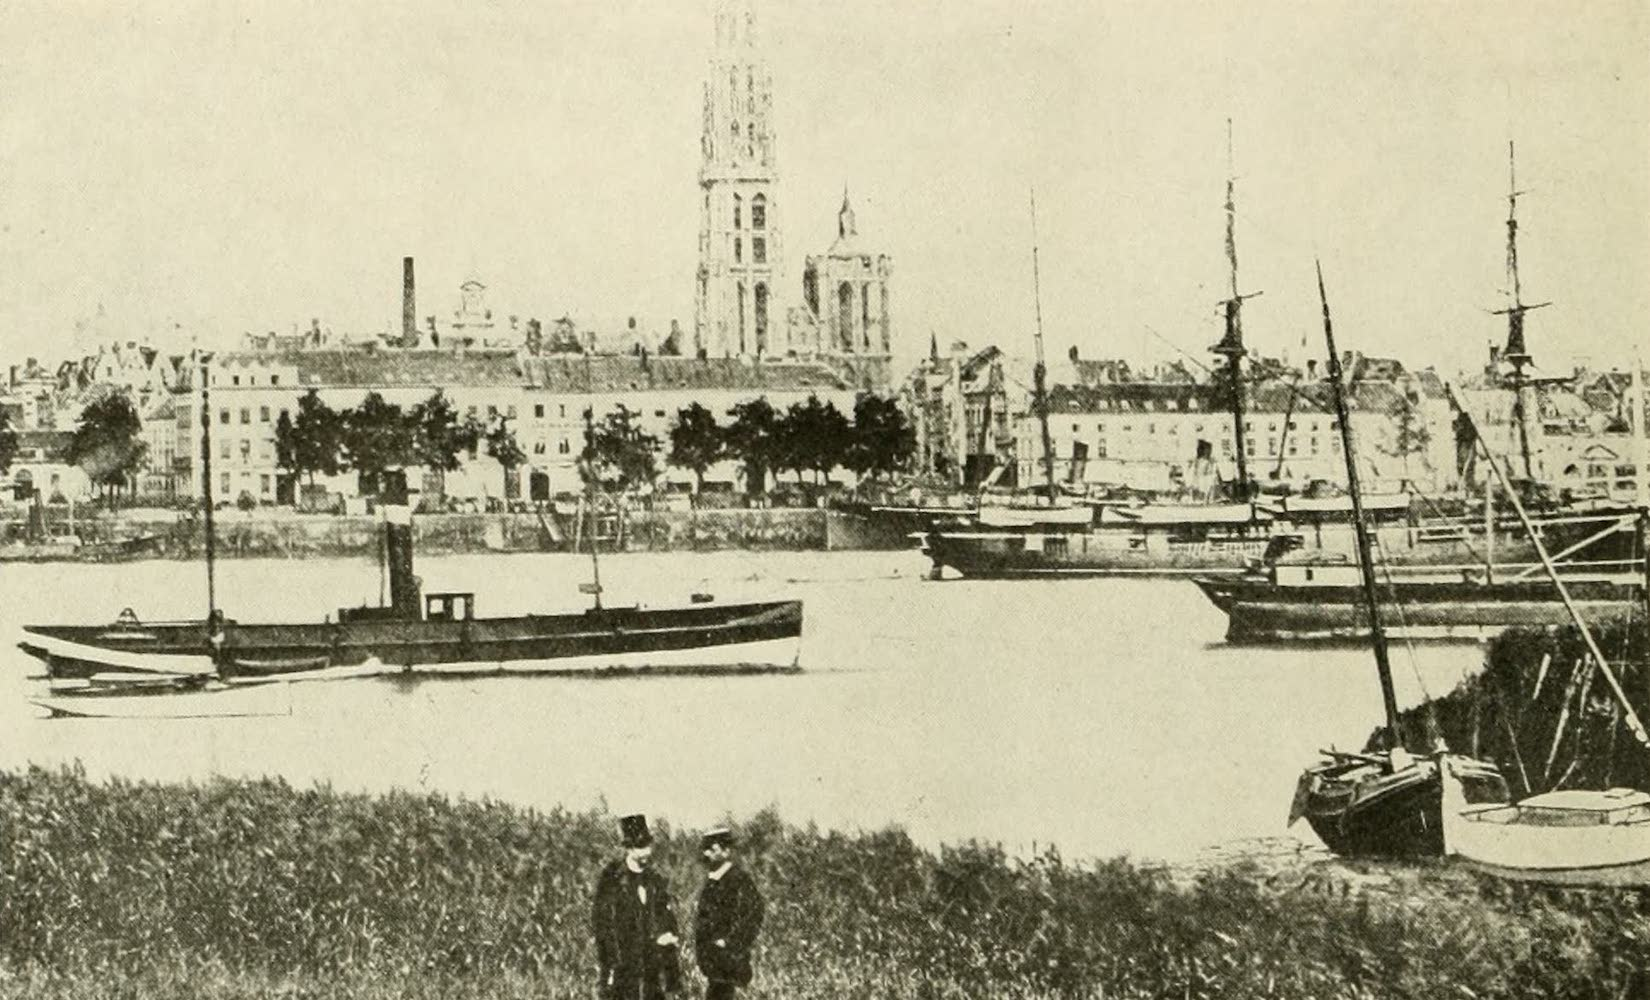 Laird & Lee's World's War Glimpses - Scenes in Antwerp, the New Belgian Capital (1914)